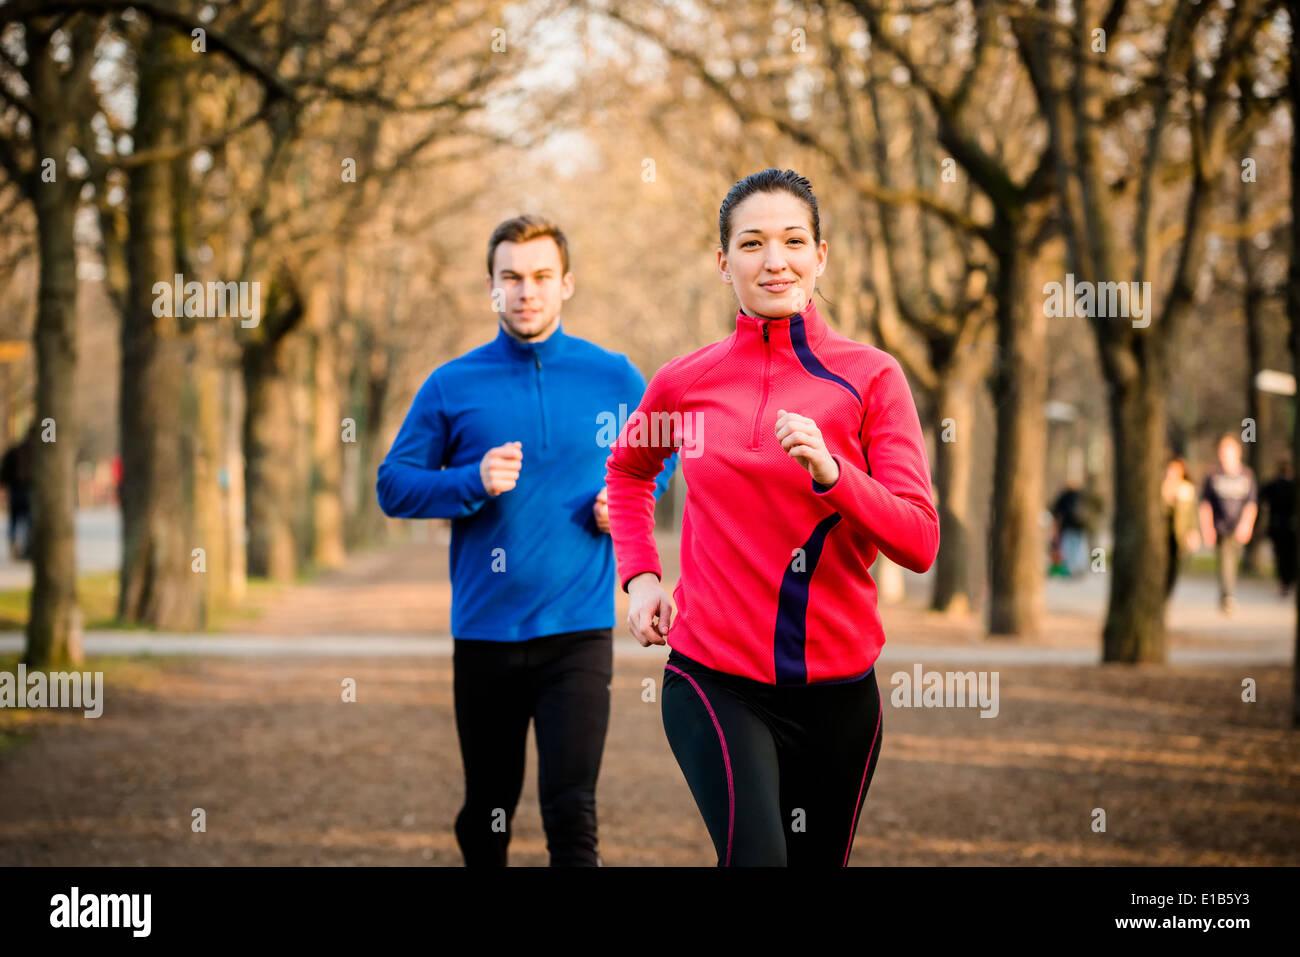 Paar - junger Mann und Frau im Wettbewerb, Frau zuerst Joggen Stockbild